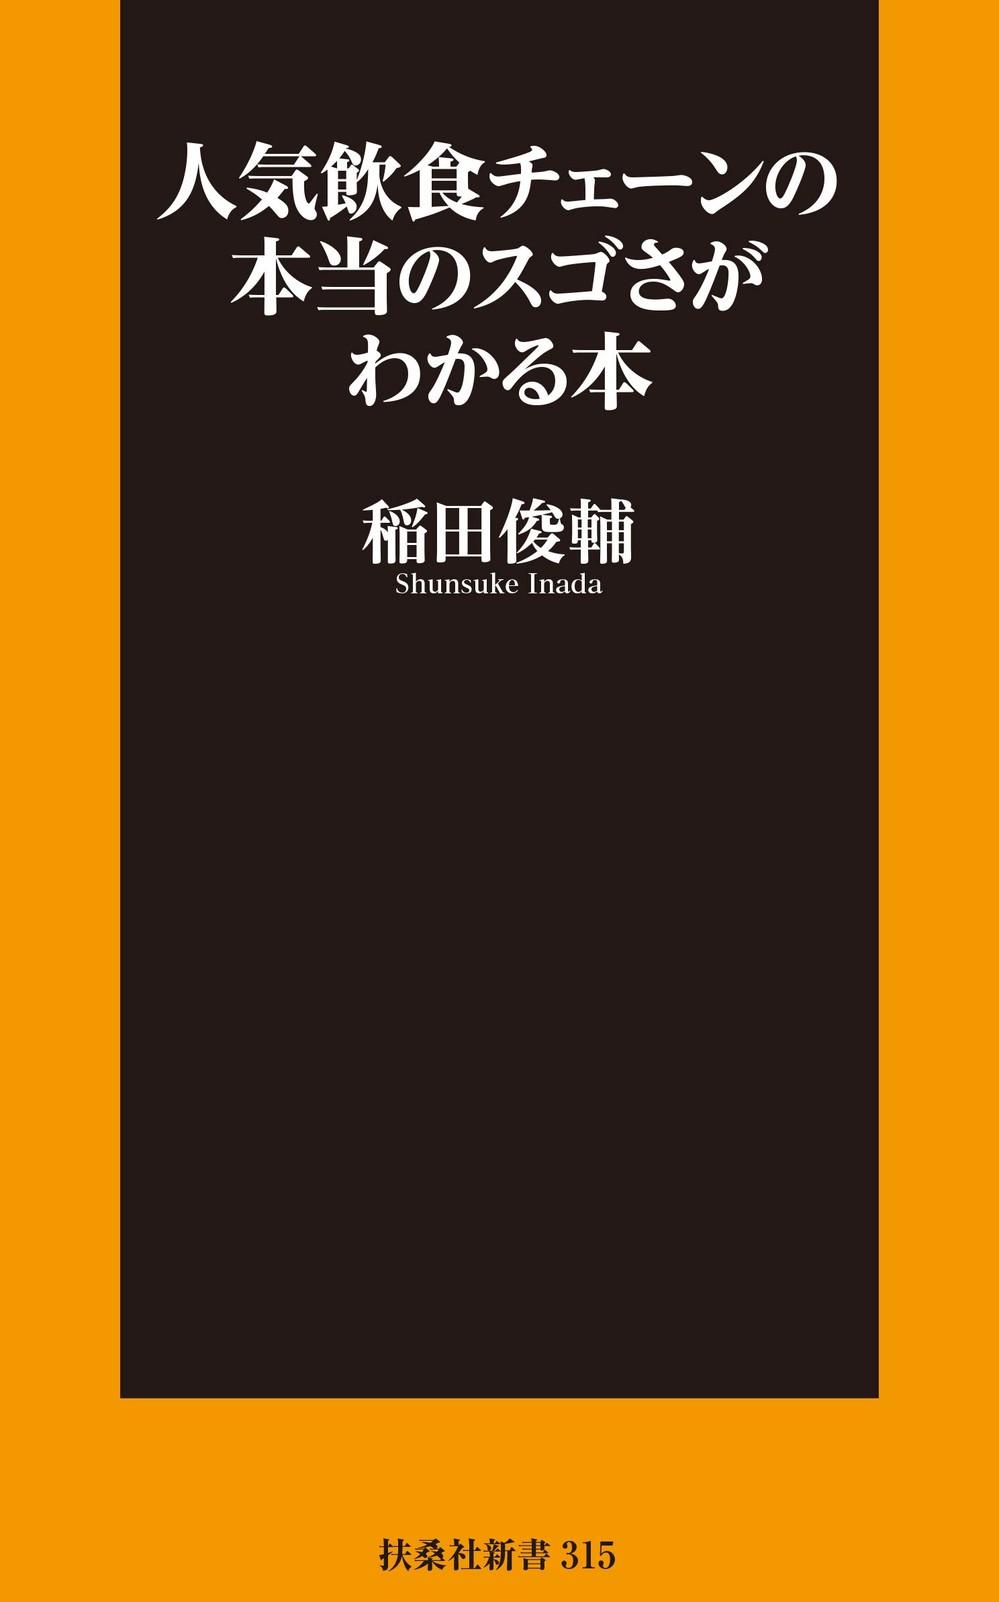 kaisha_20200106182818.jpg